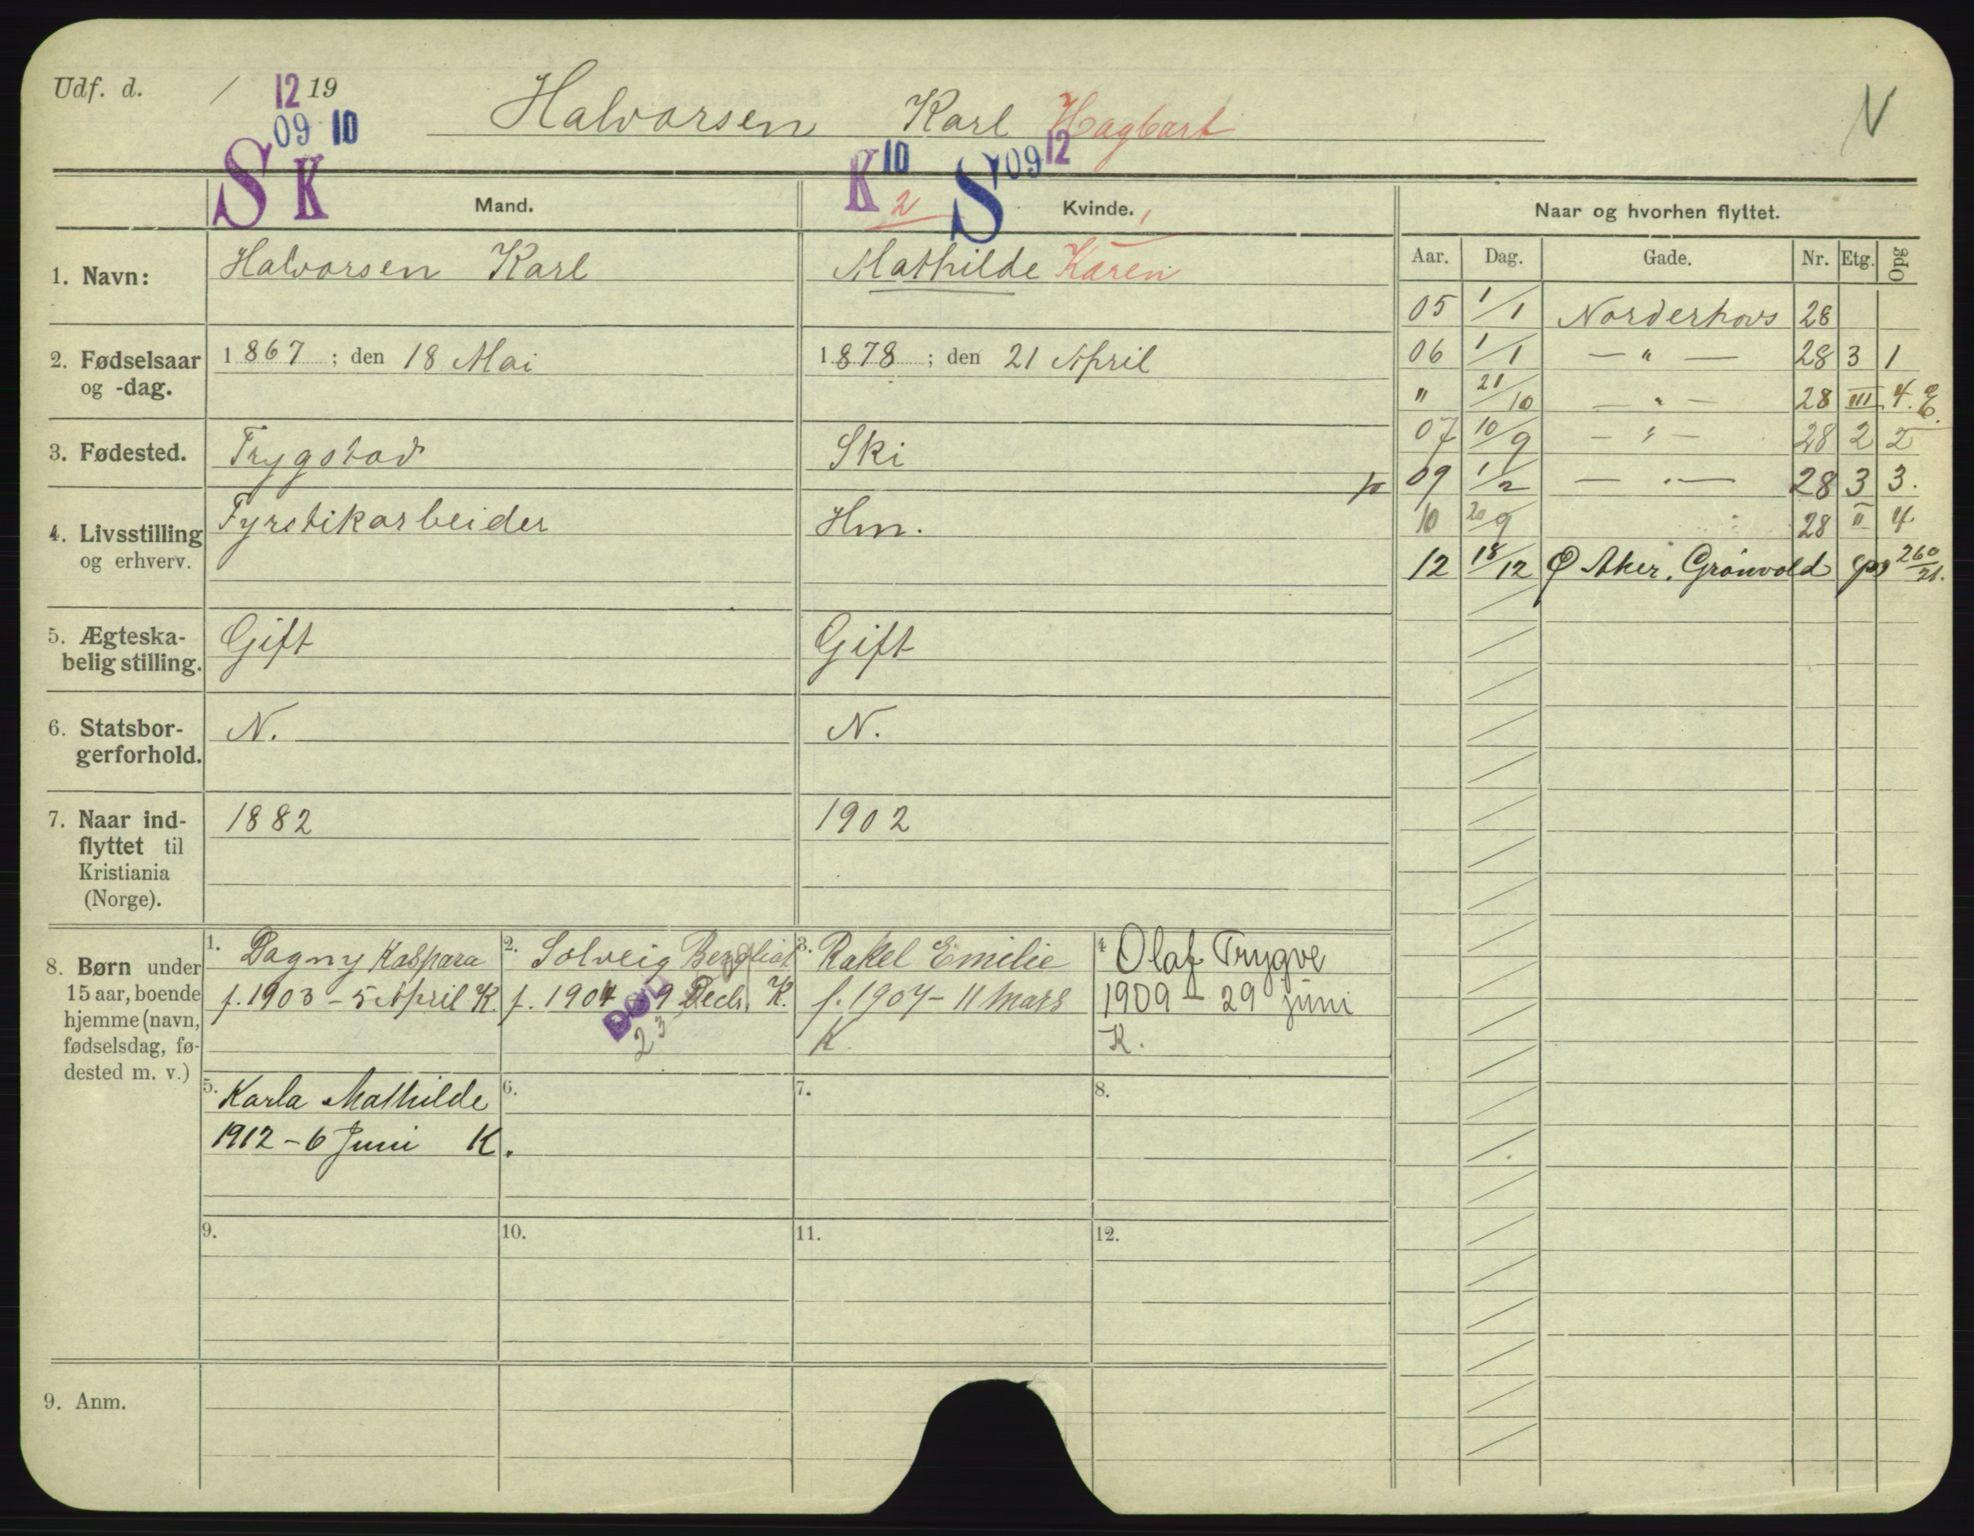 SAO, Oslo folkeregister, Registerkort, F/Fa/Fac/L0003: Menn, 1906-1914, s. 1126a